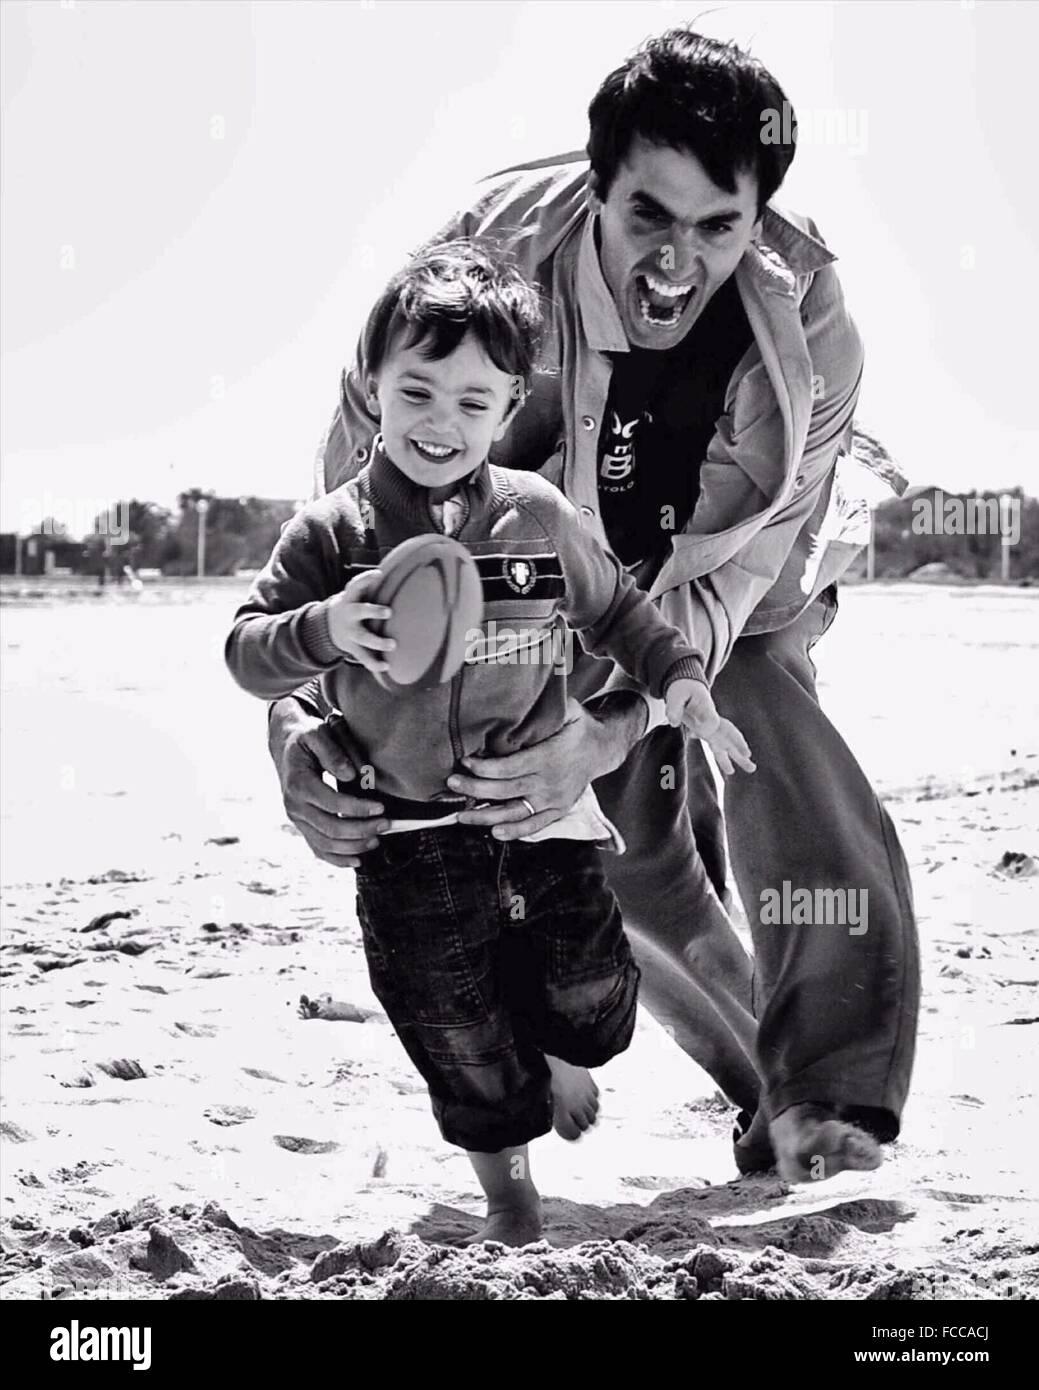 Vater, spielen Rugbyspiel mit Sohn am Strand Stockbild